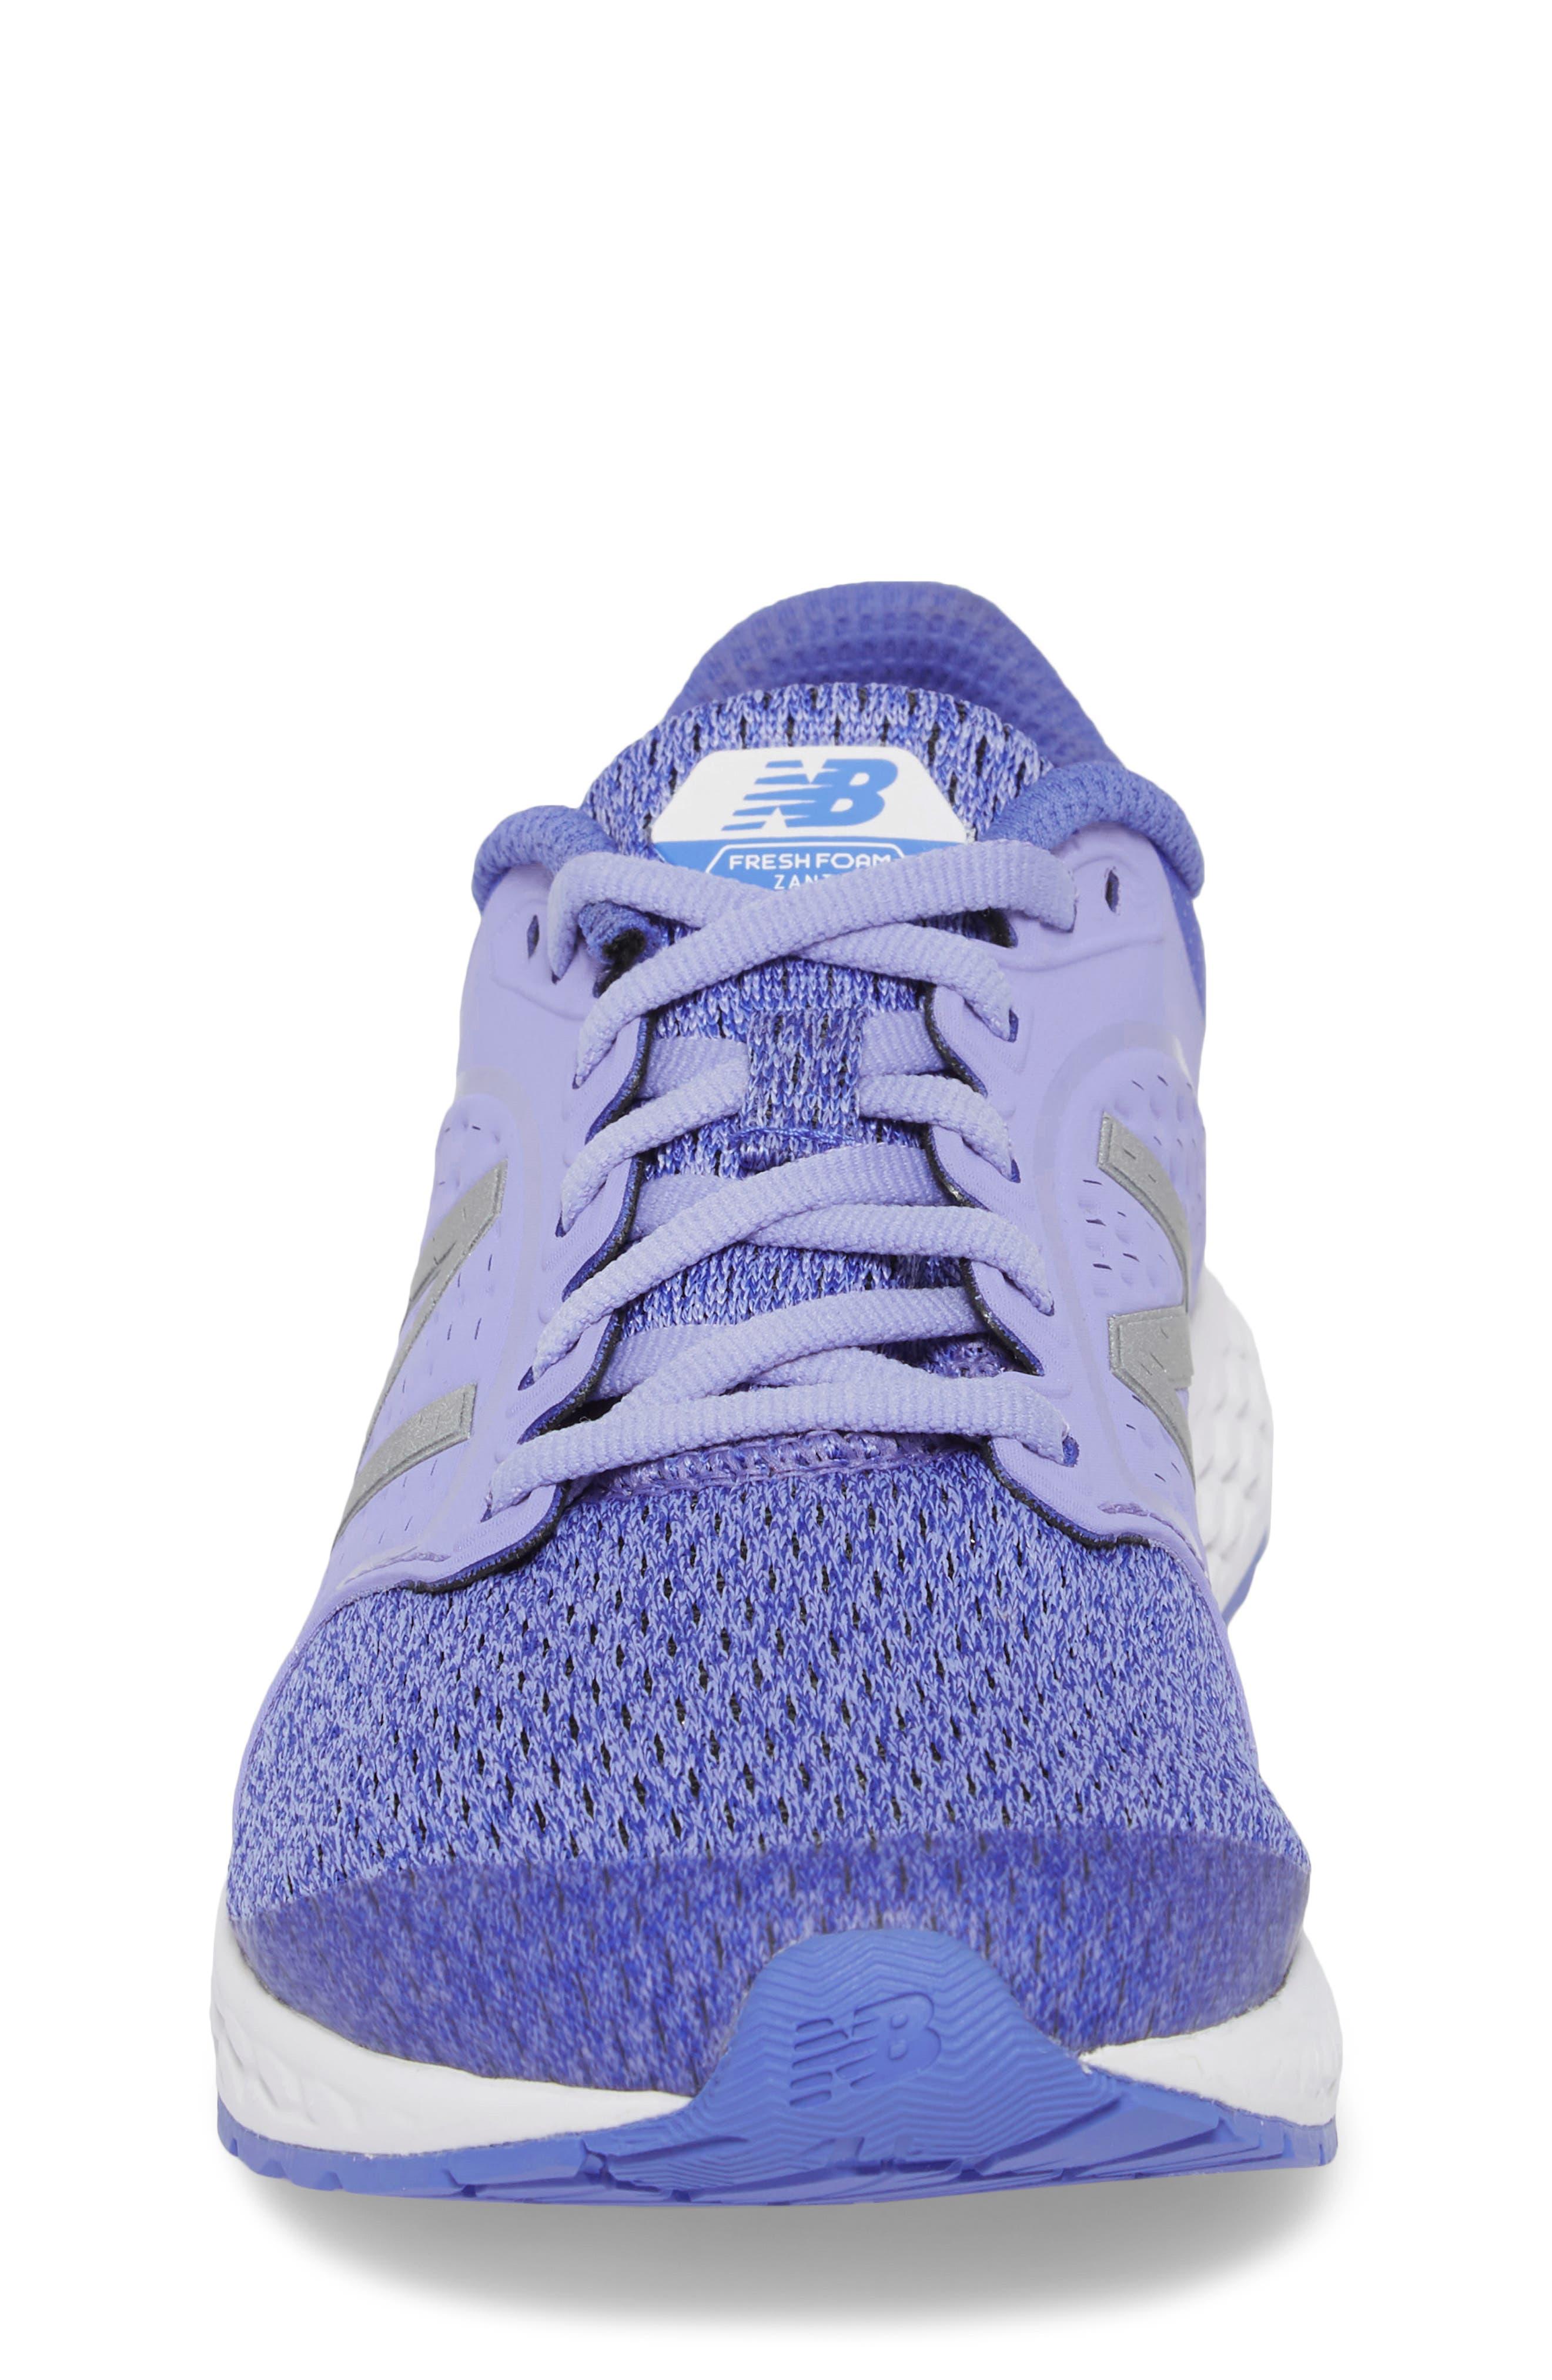 Fresh Foam Zante v4 Running Shoe,                             Alternate thumbnail 4, color,                             Ice Violet